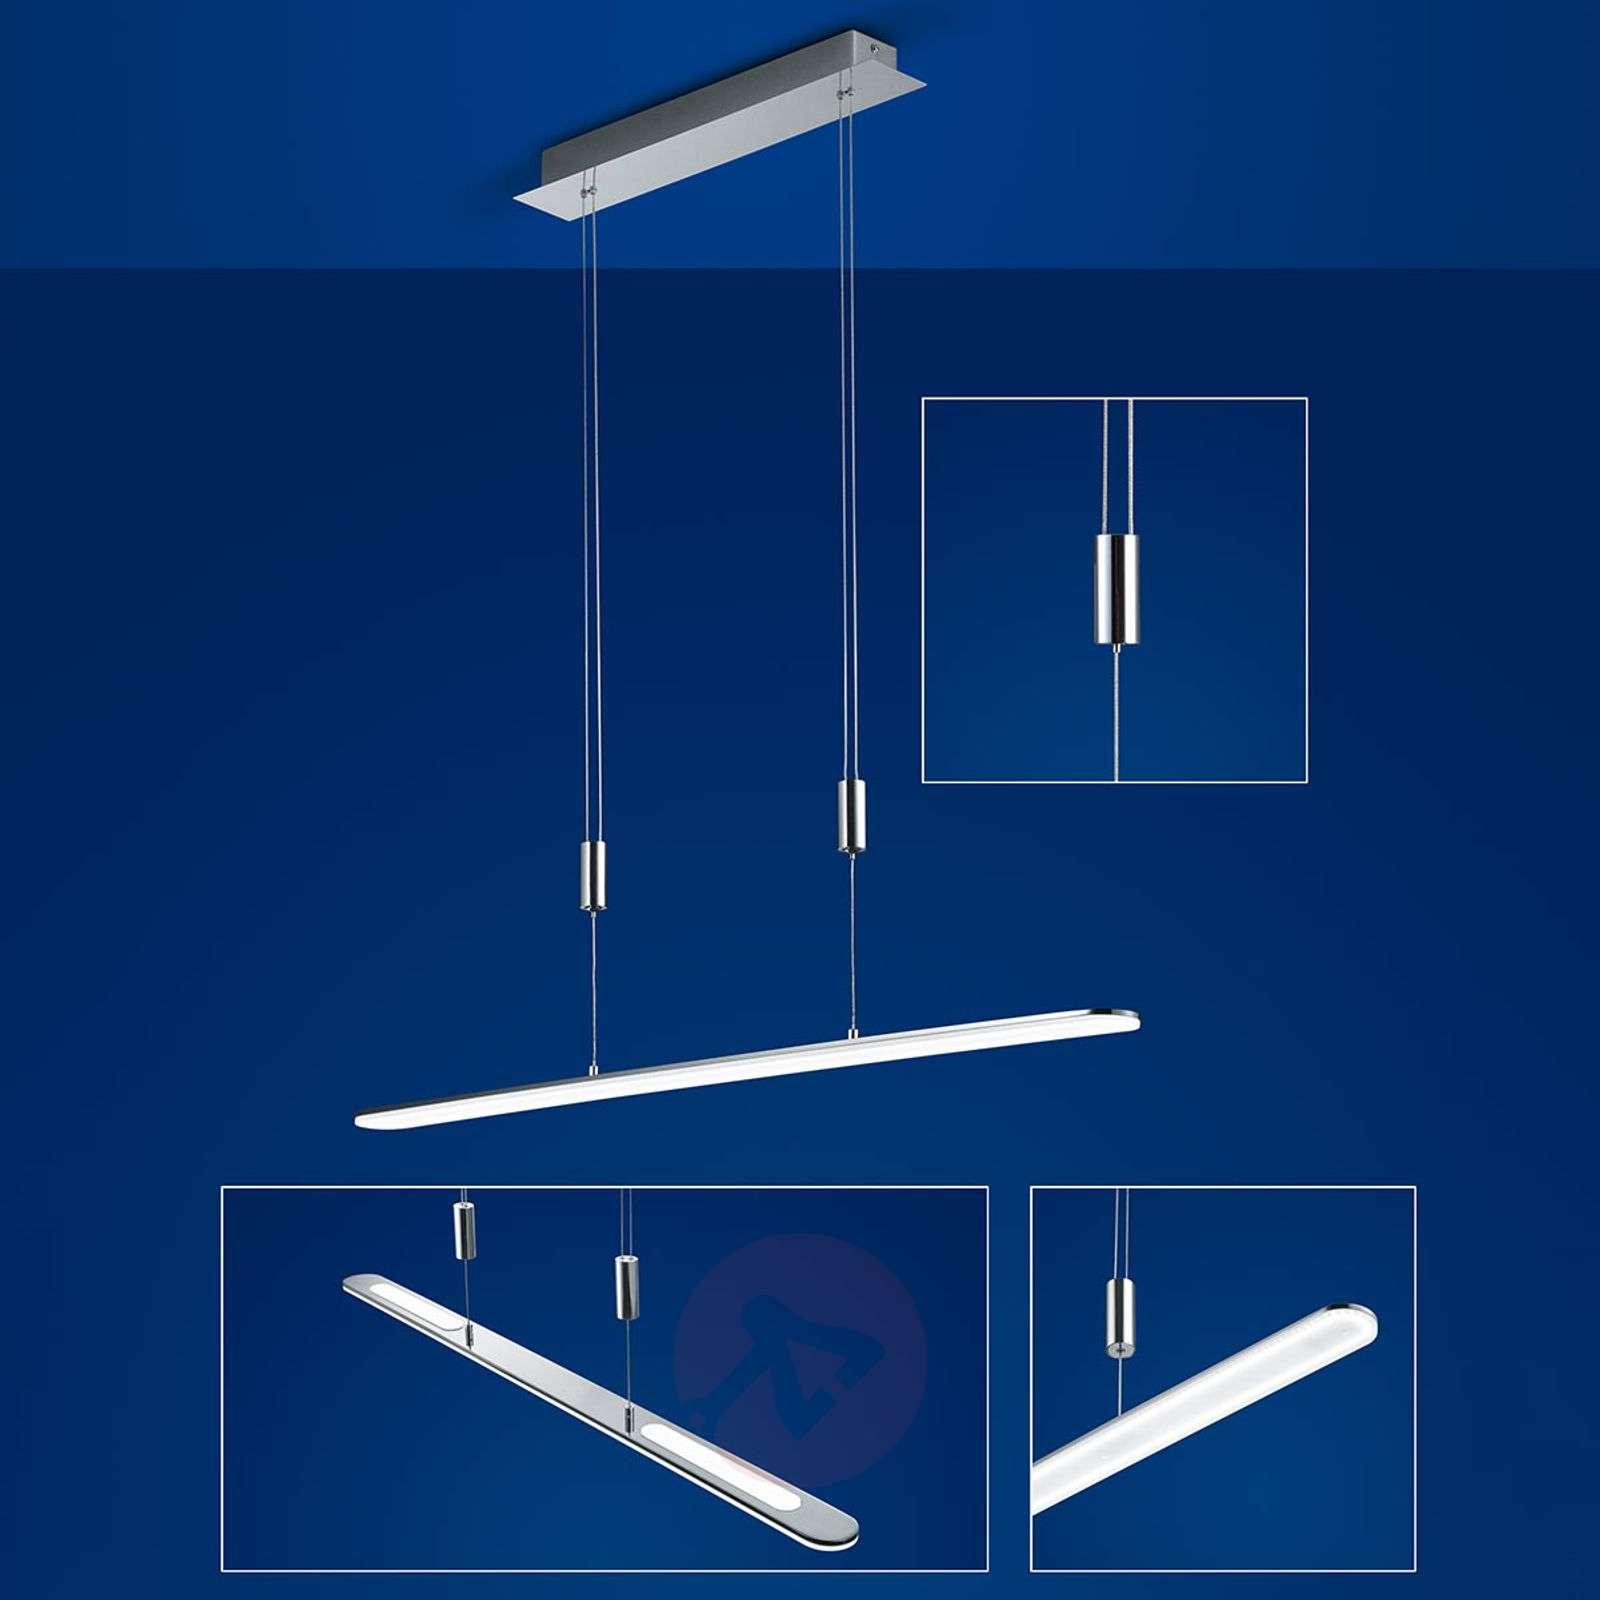 B-Leuchten New Genk I LED hanging light-1554084-01